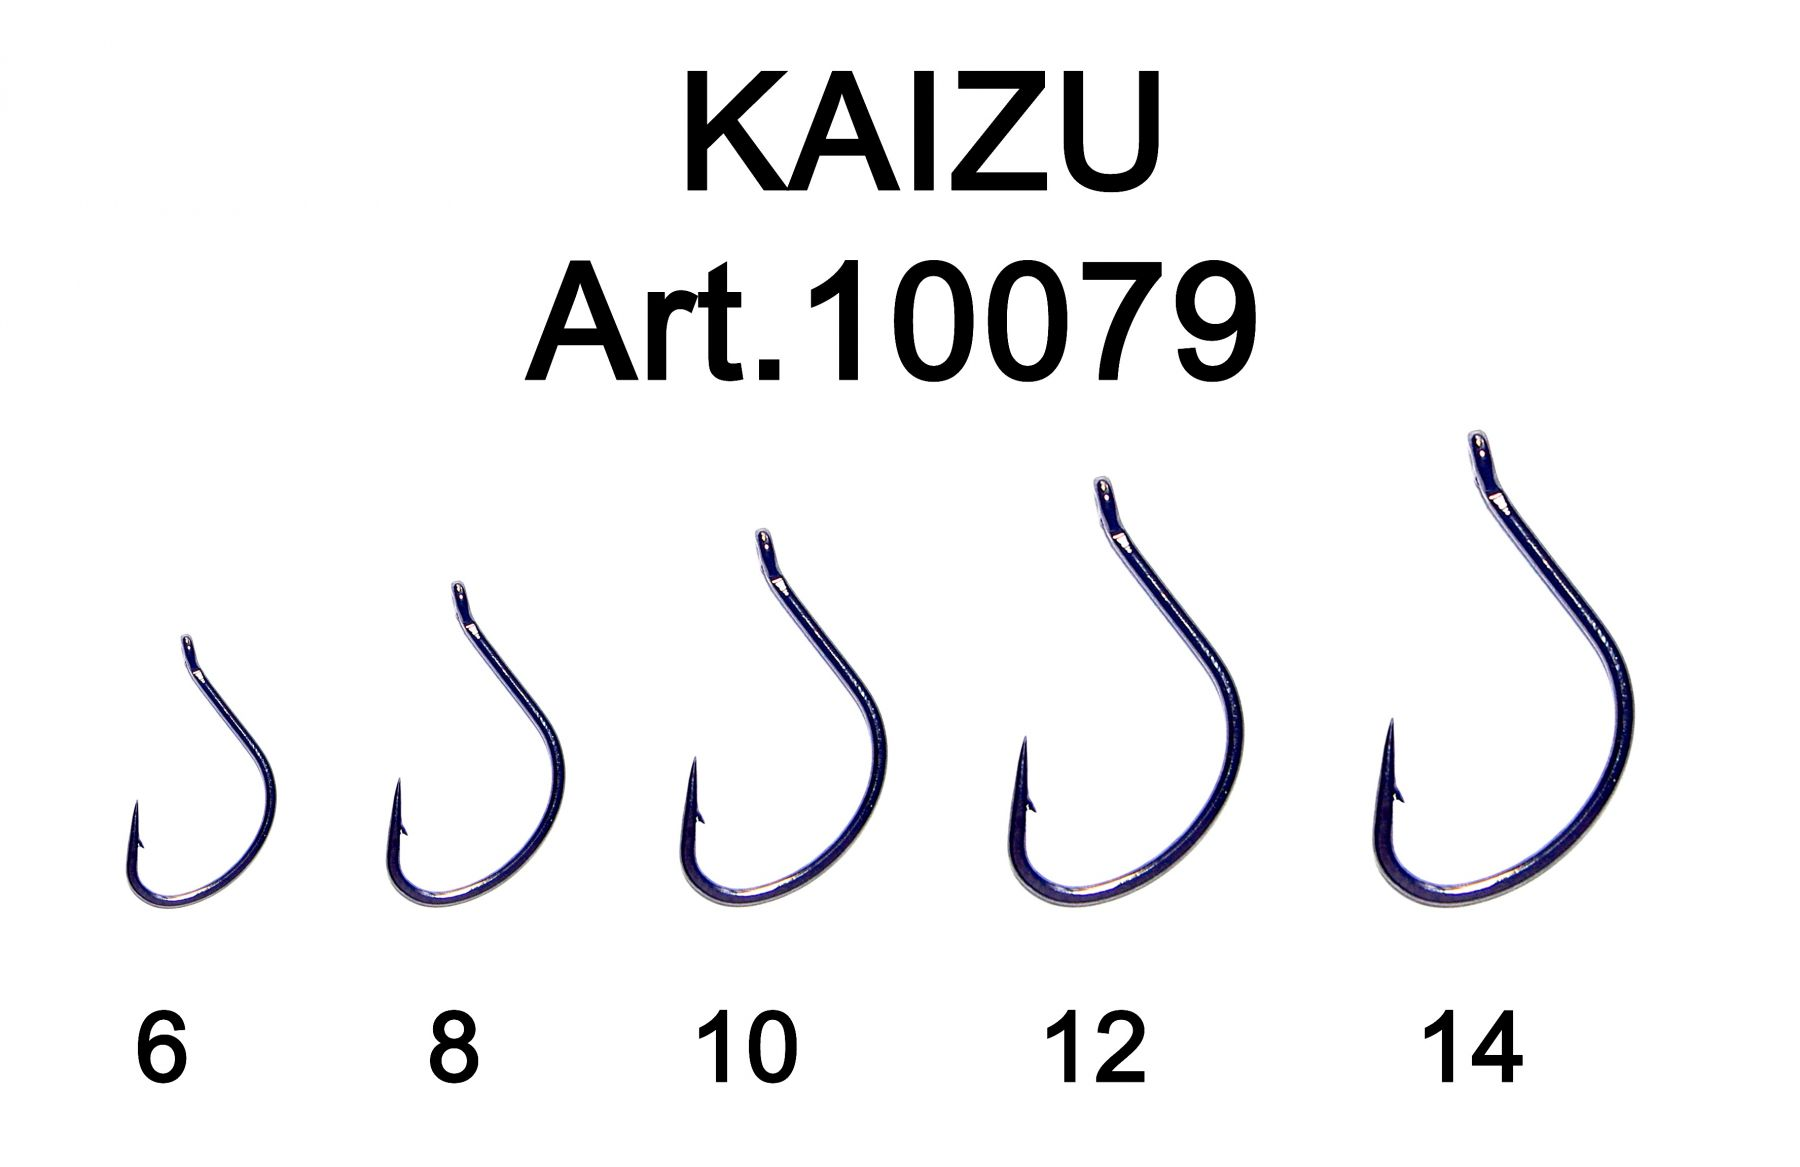 Крючок Fish Season FS Kaizu одинарные   (Артикул:10079) №6